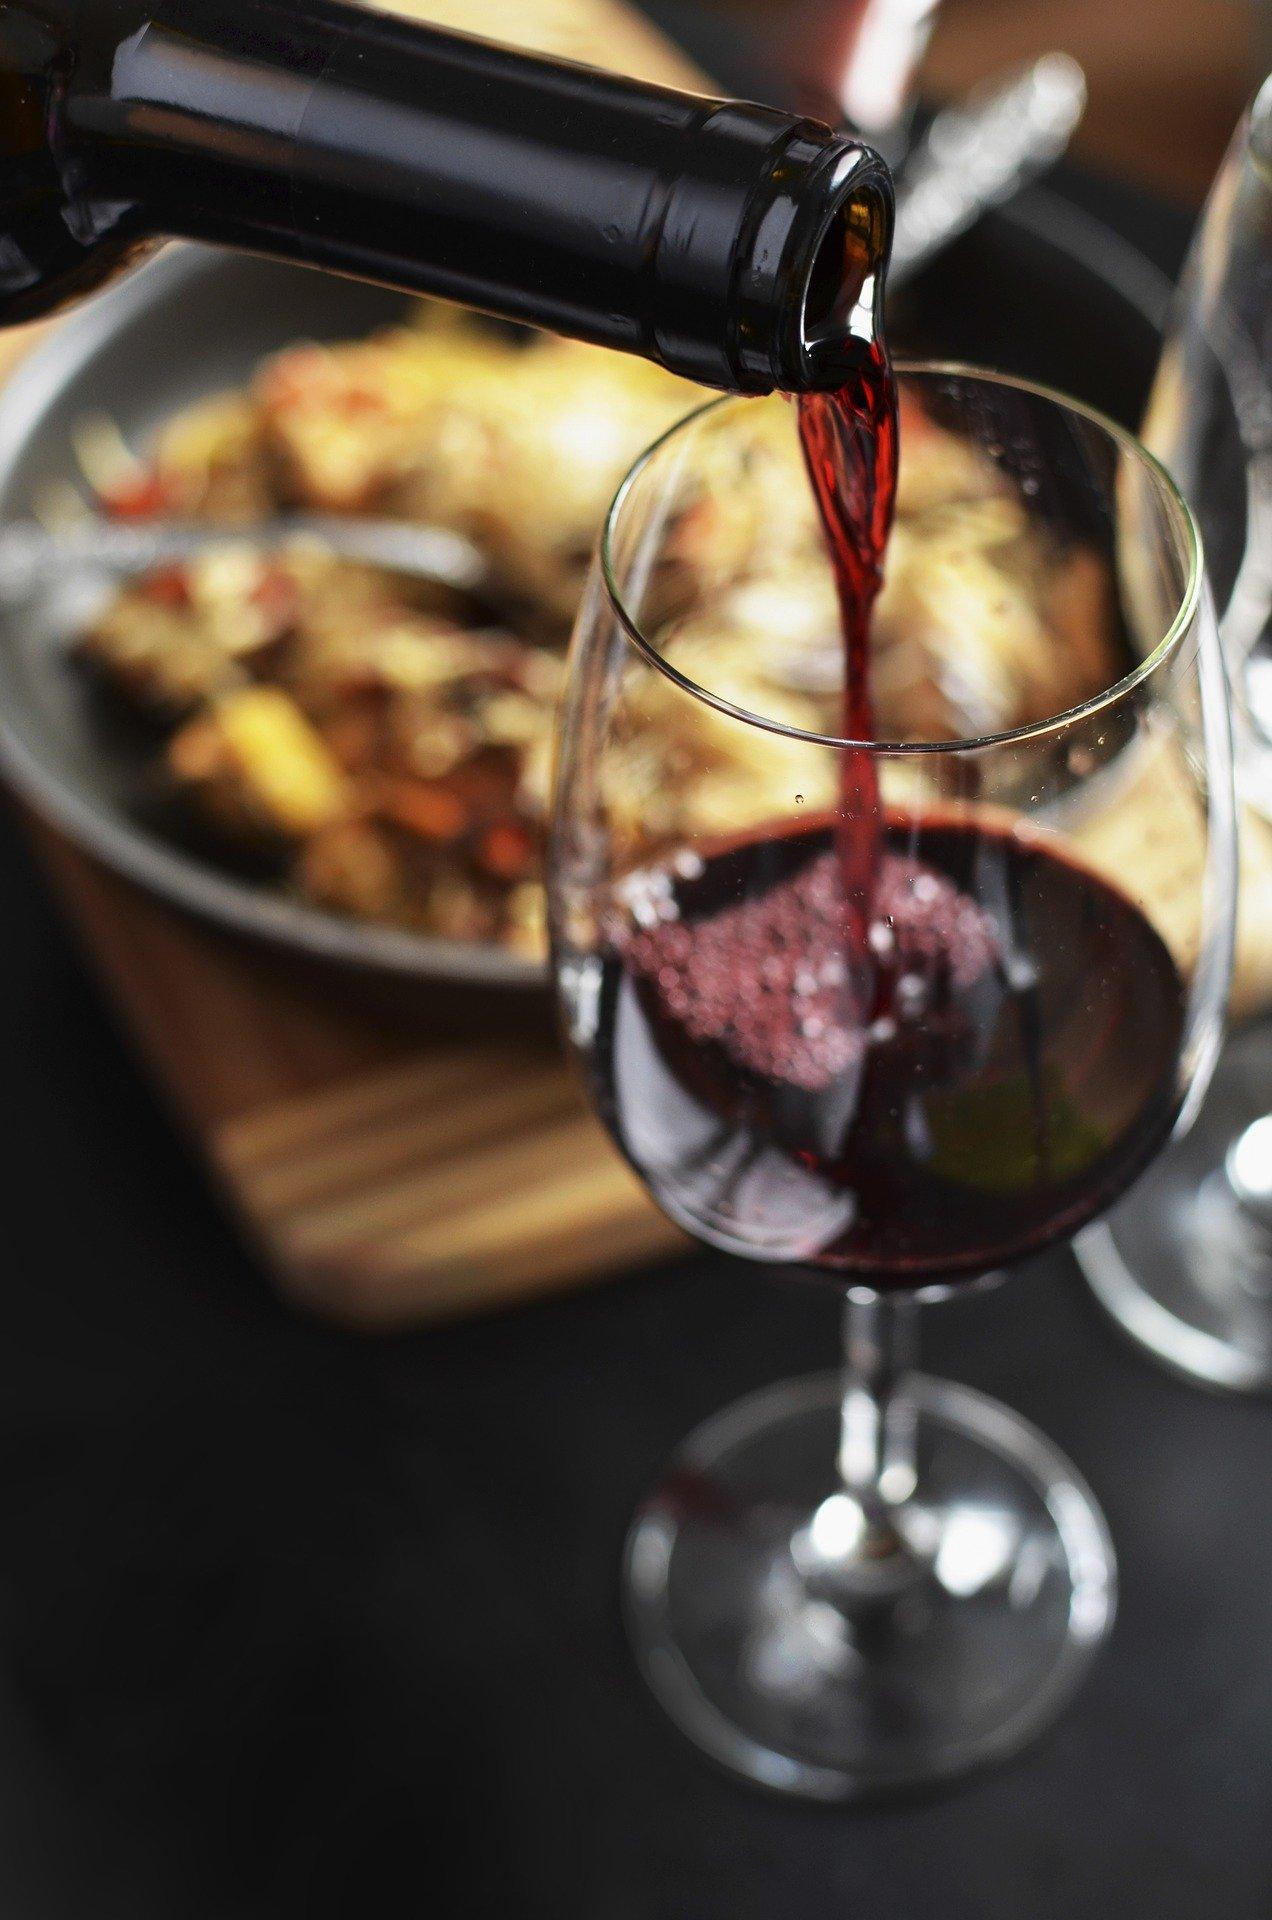 vins de consommation courante